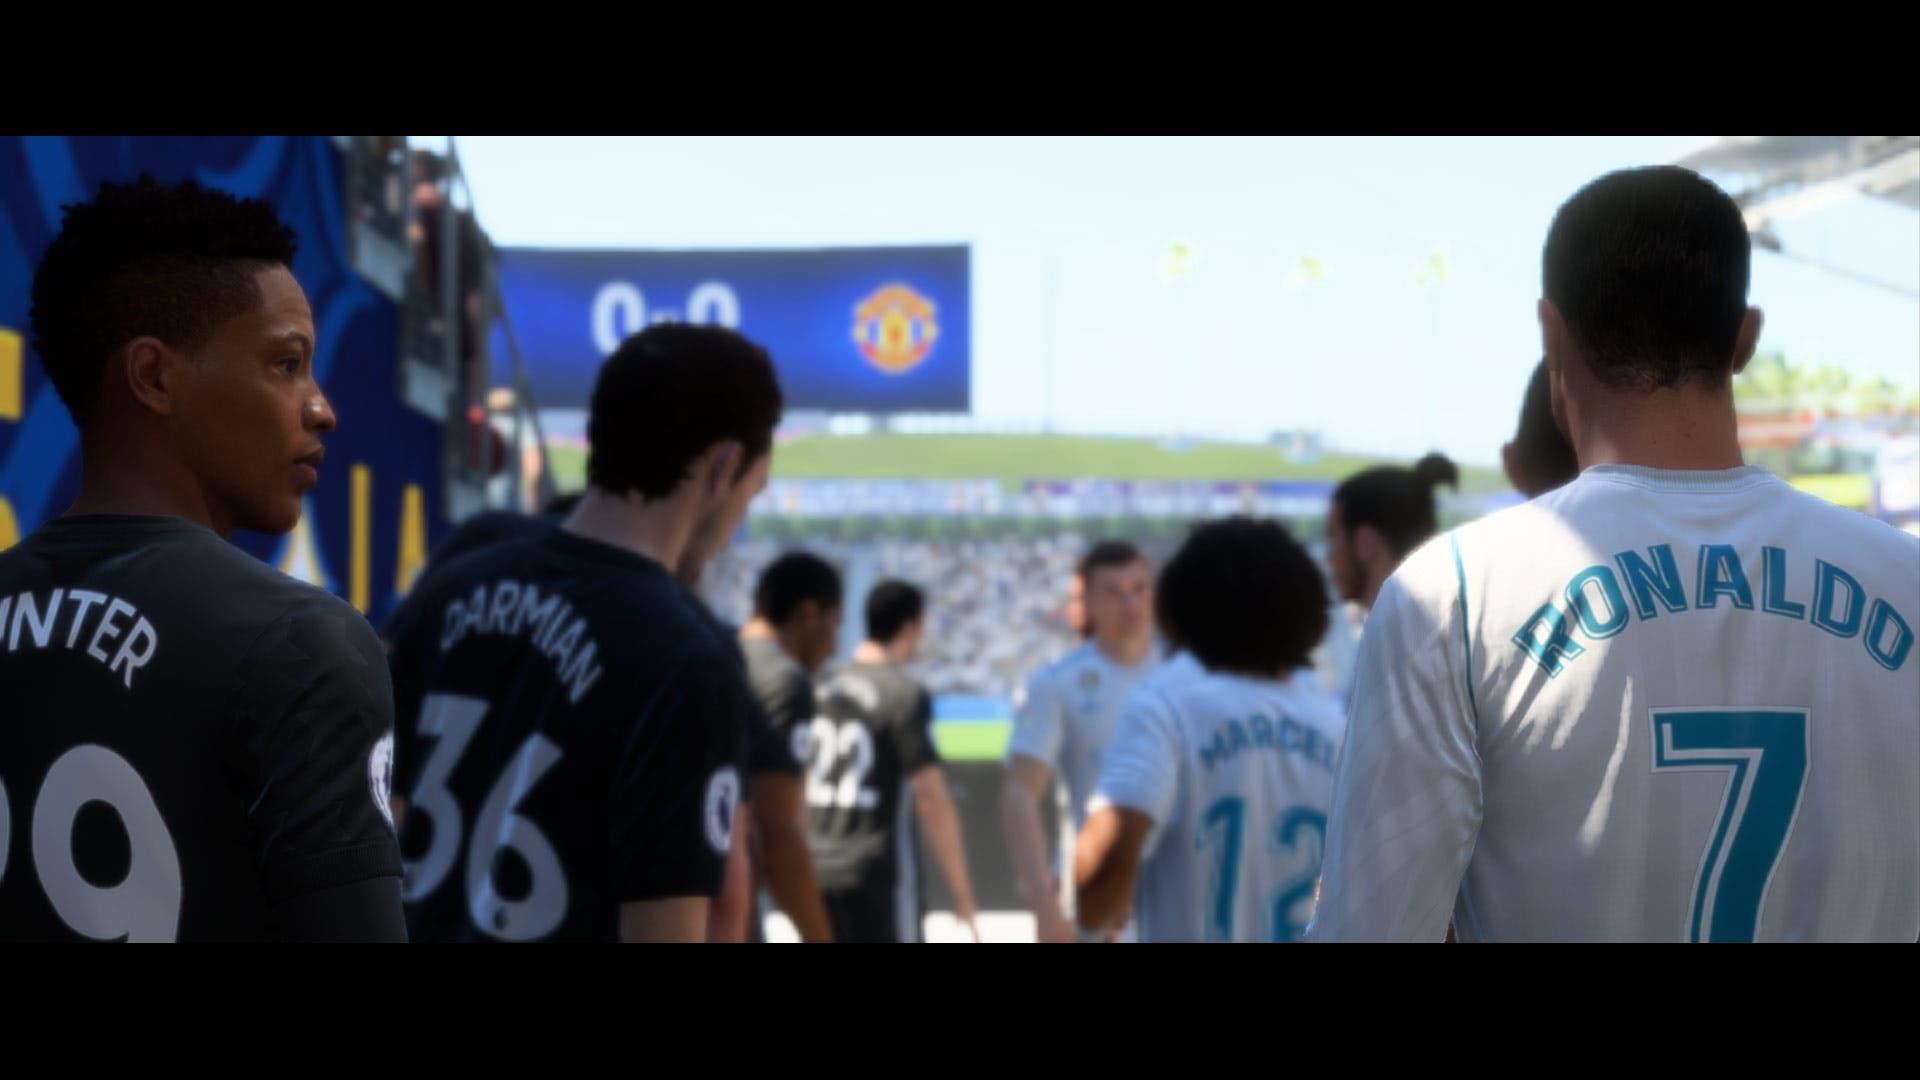 Avance del modo El Camino de FIFA 18 - Xbox One 3